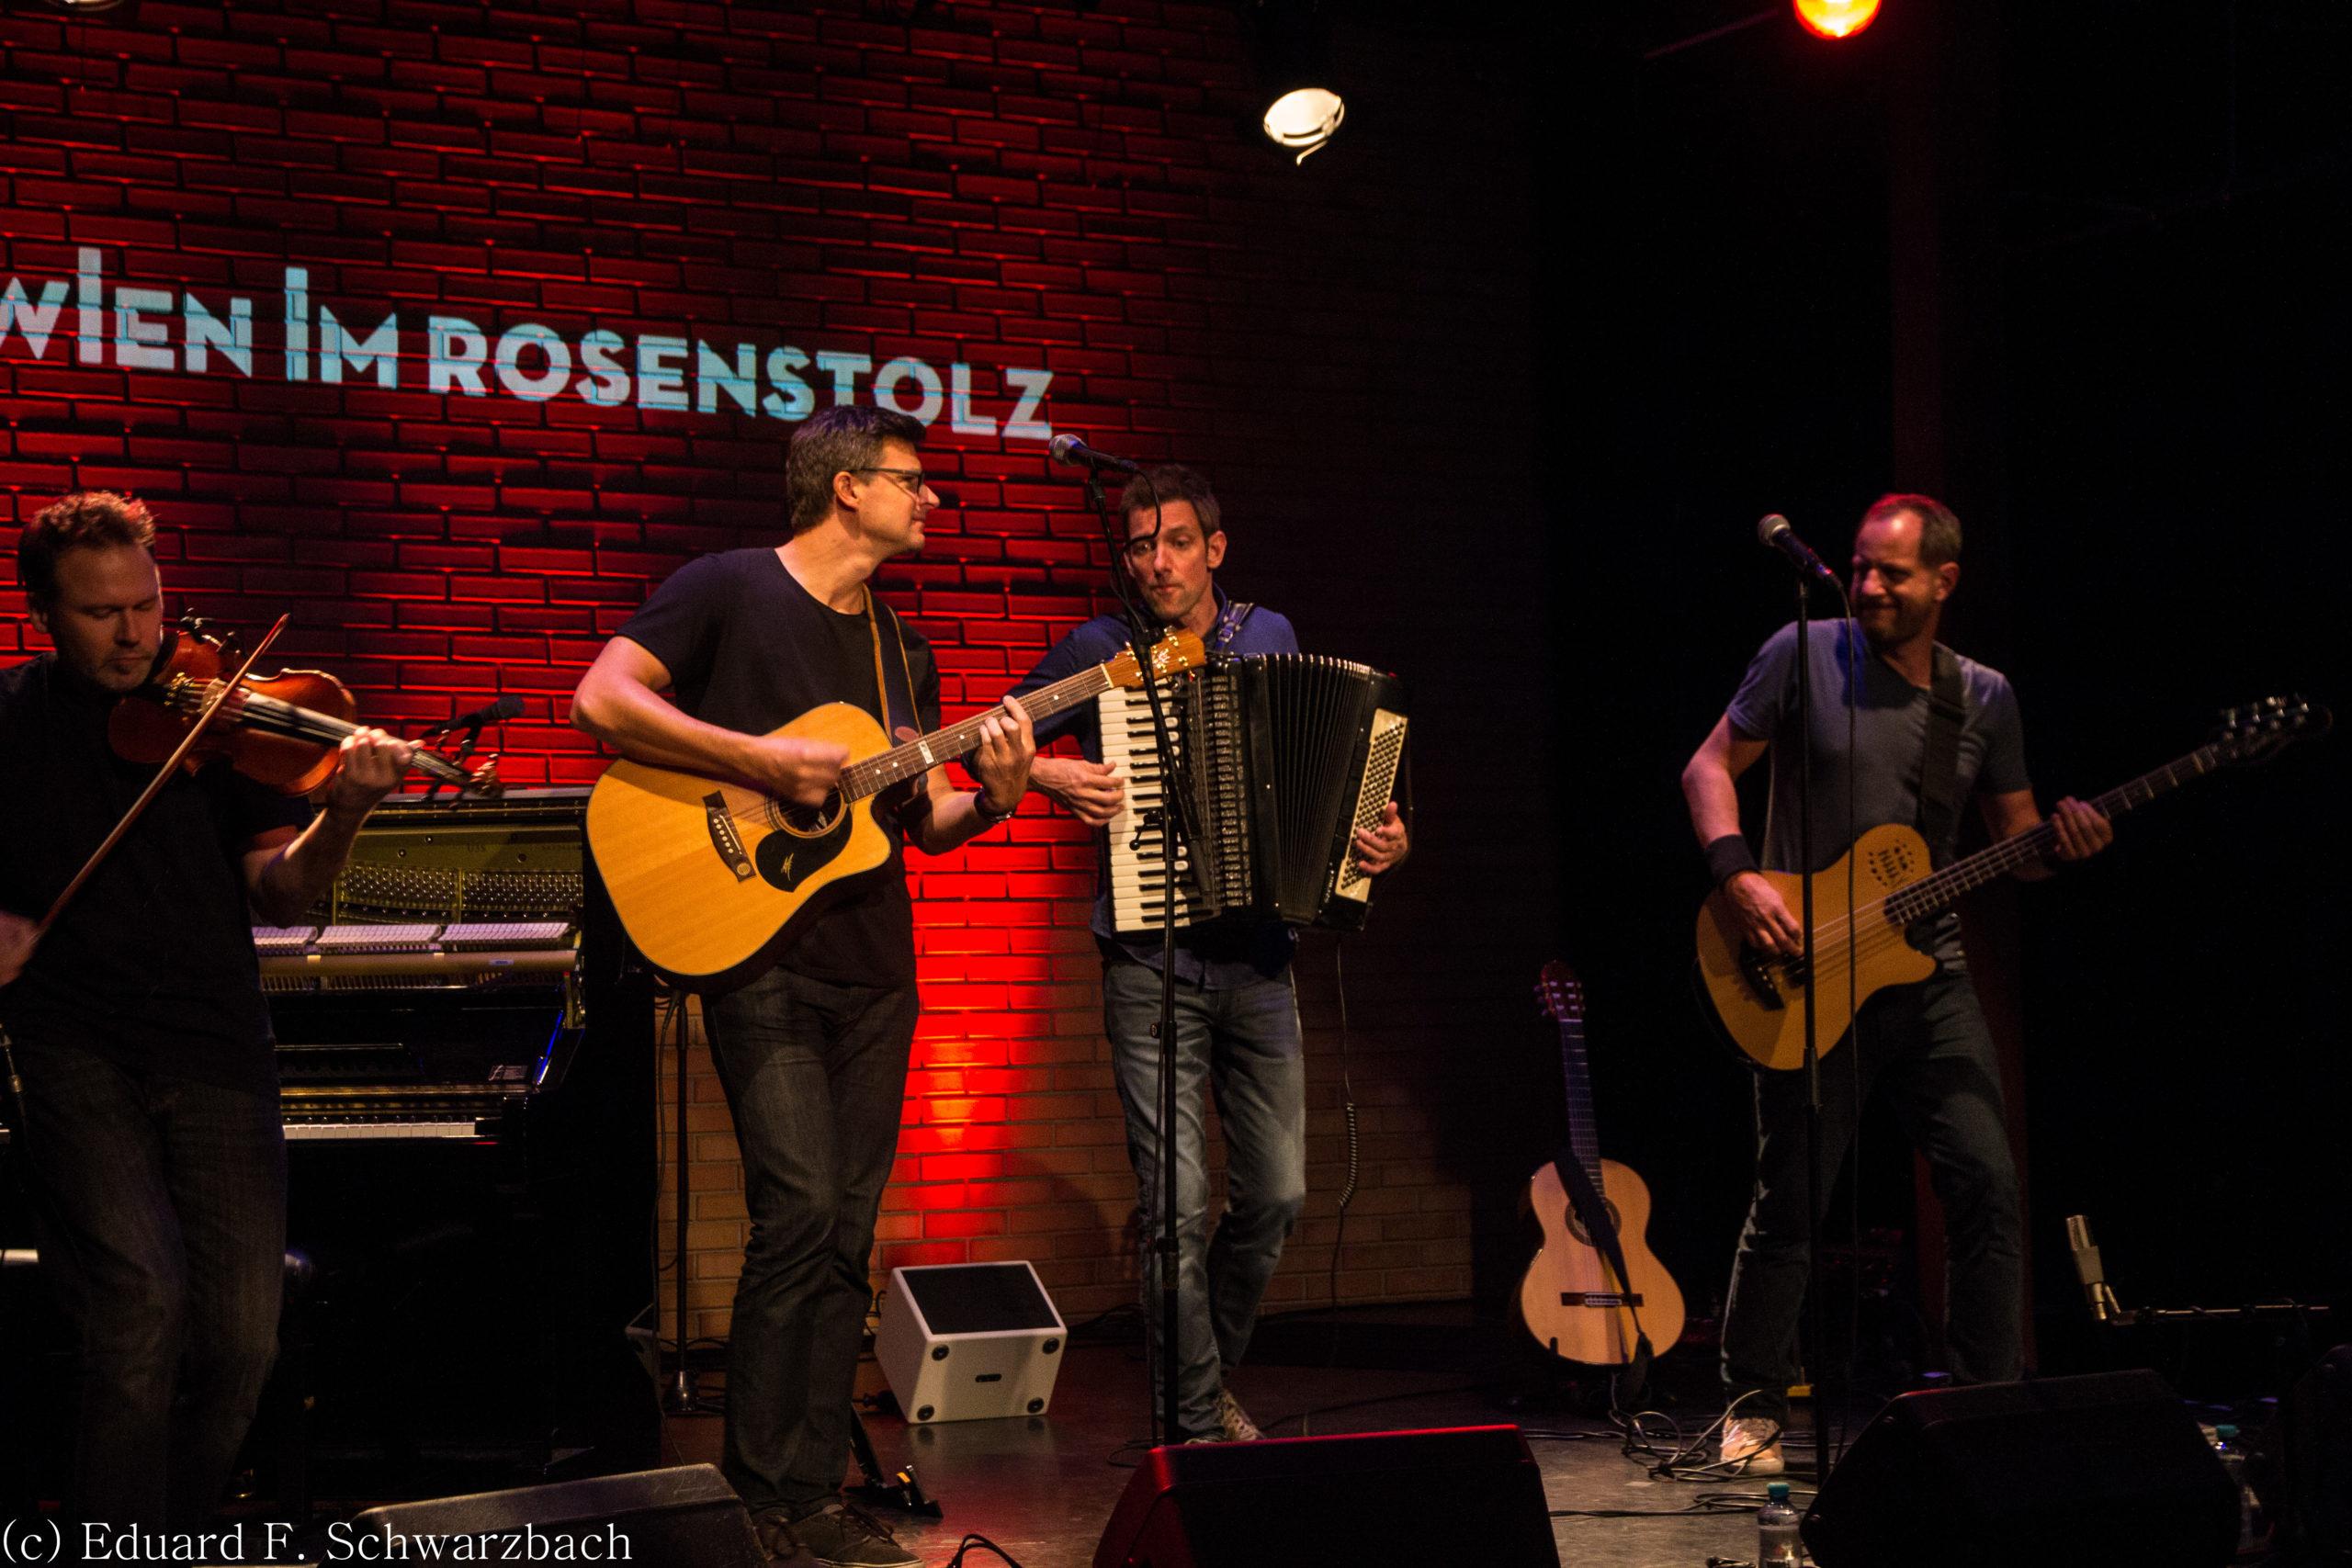 Wien im Rosenstolz feiert mit Best-Of-Doppel-Album das 20-Jahr-Jubiläum